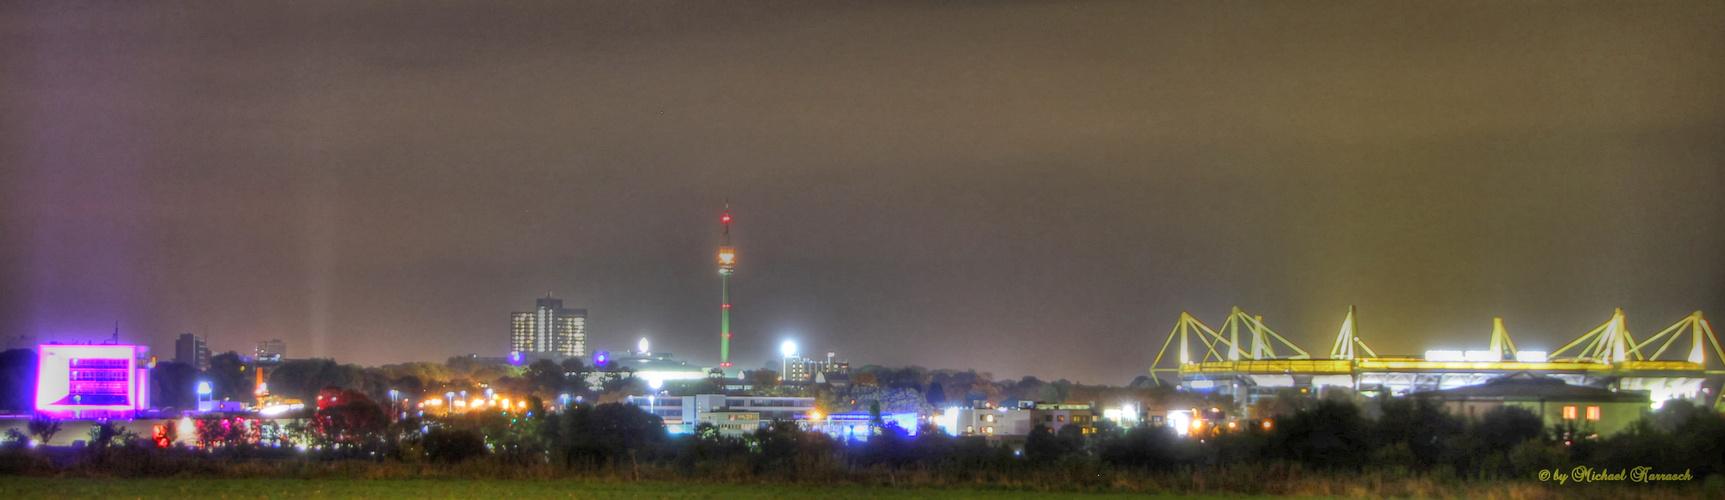 Skyline Dortmund bei Nacht